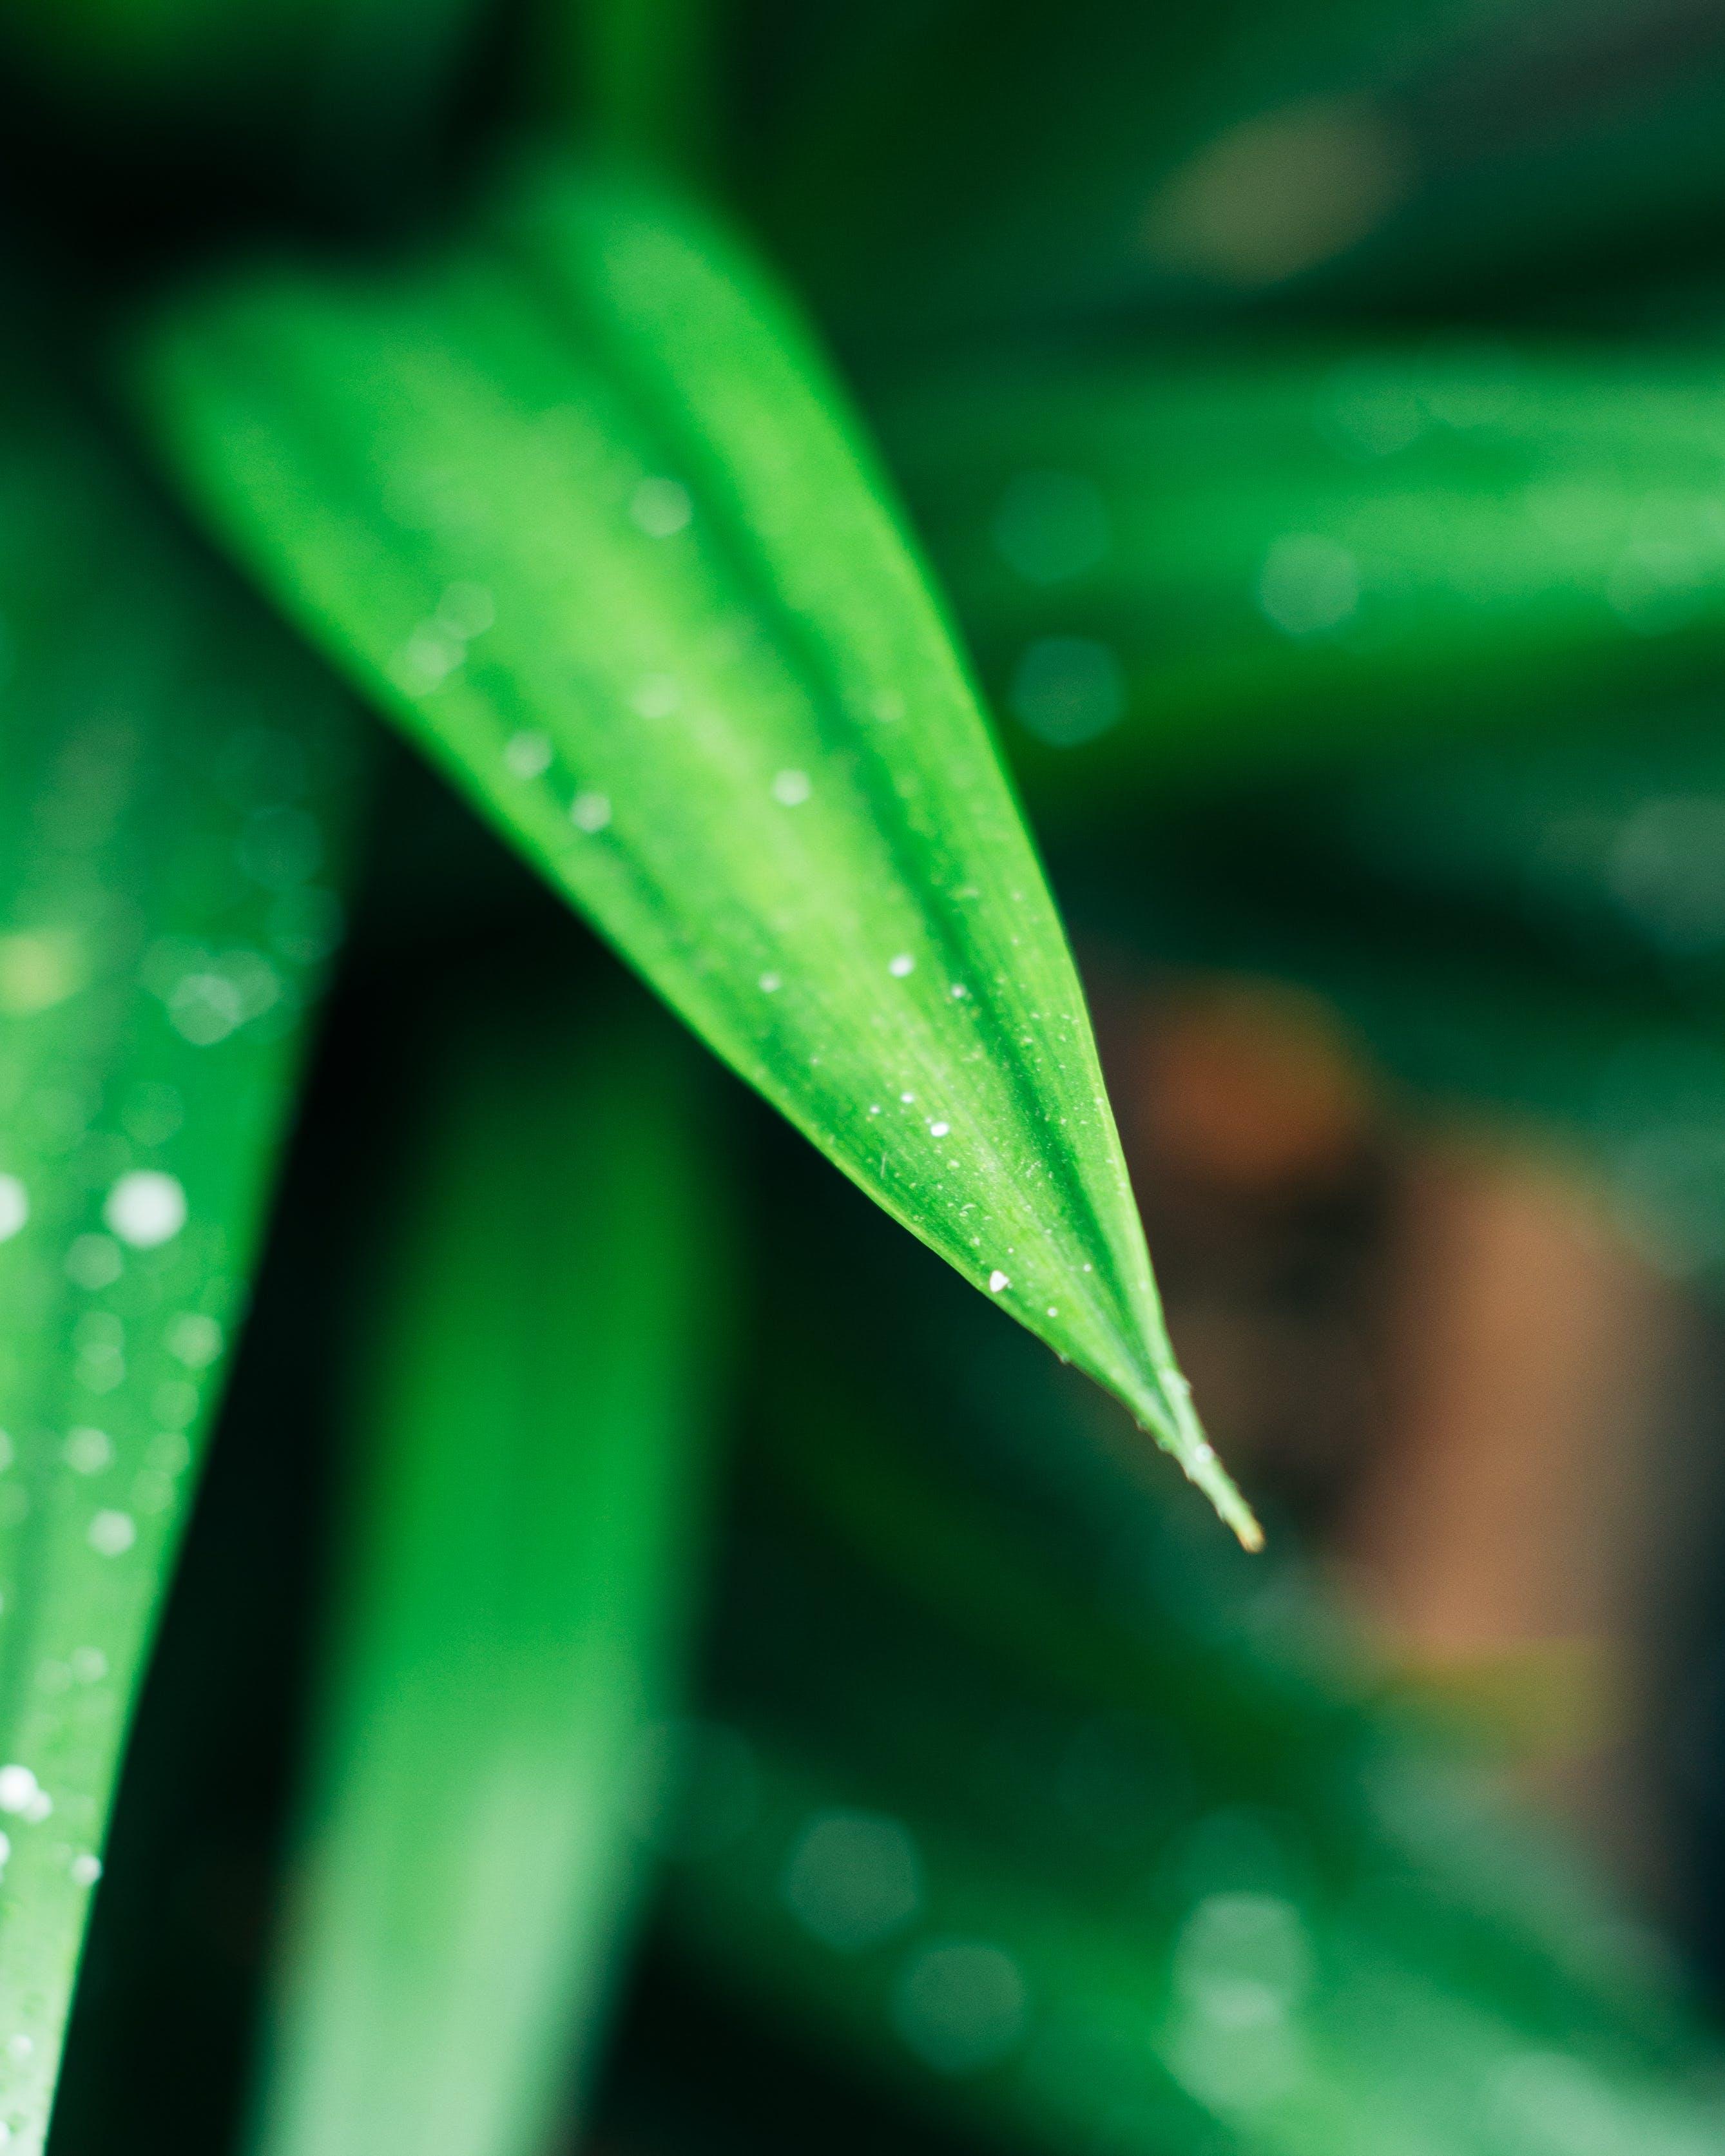 녹색, 방울, 성장, 식물의 무료 스톡 사진